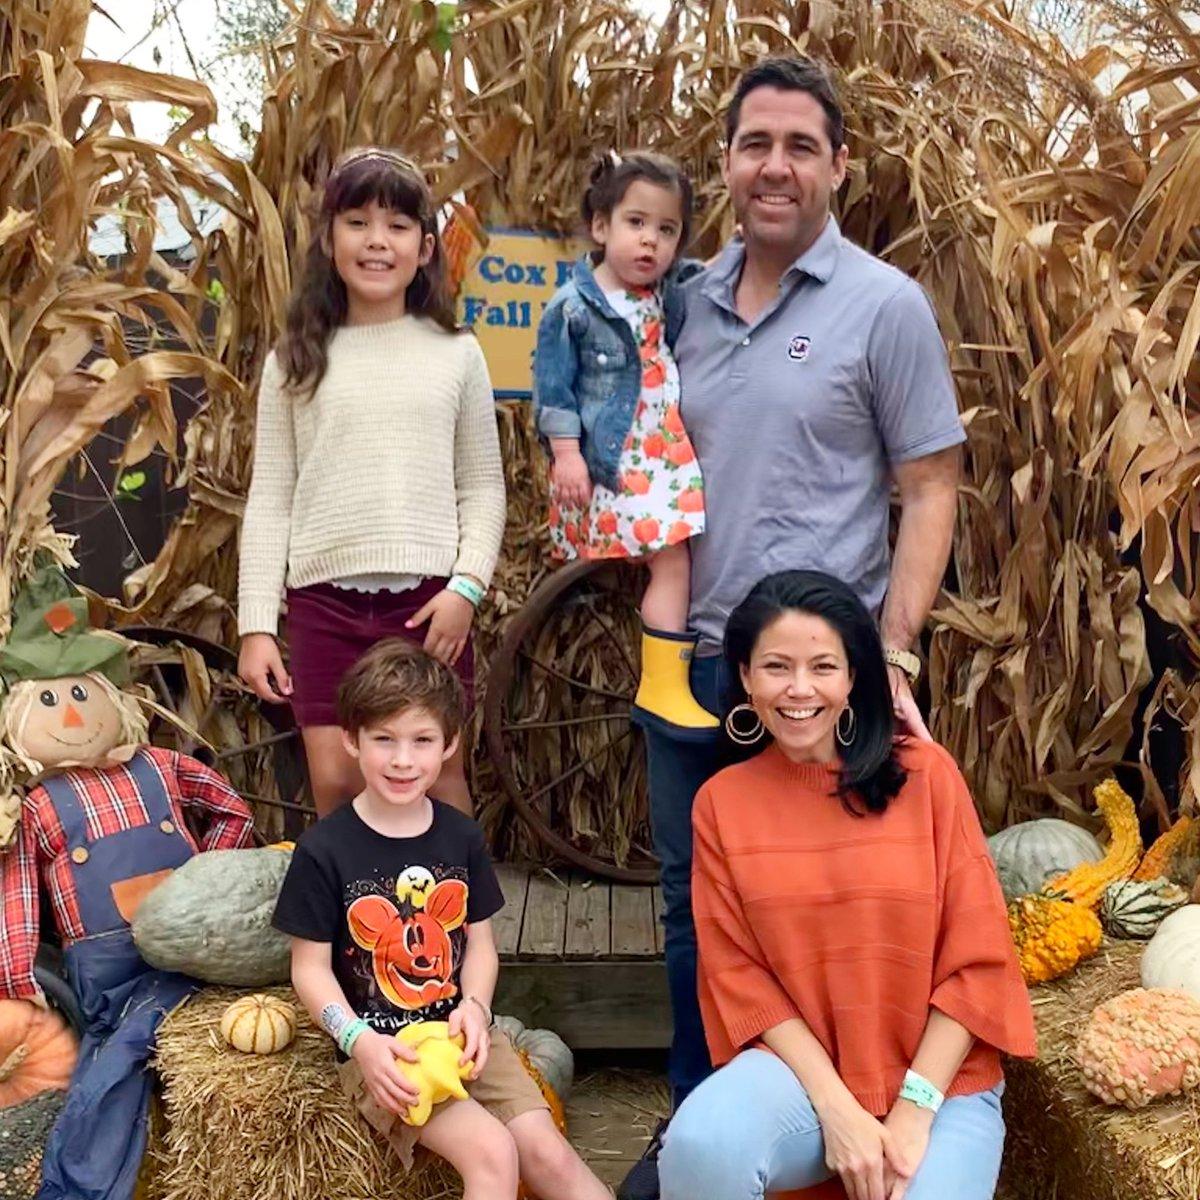 Happy Fall... finally!! 🍂🍂🍂 #pumpkinpatch #weekendvibes